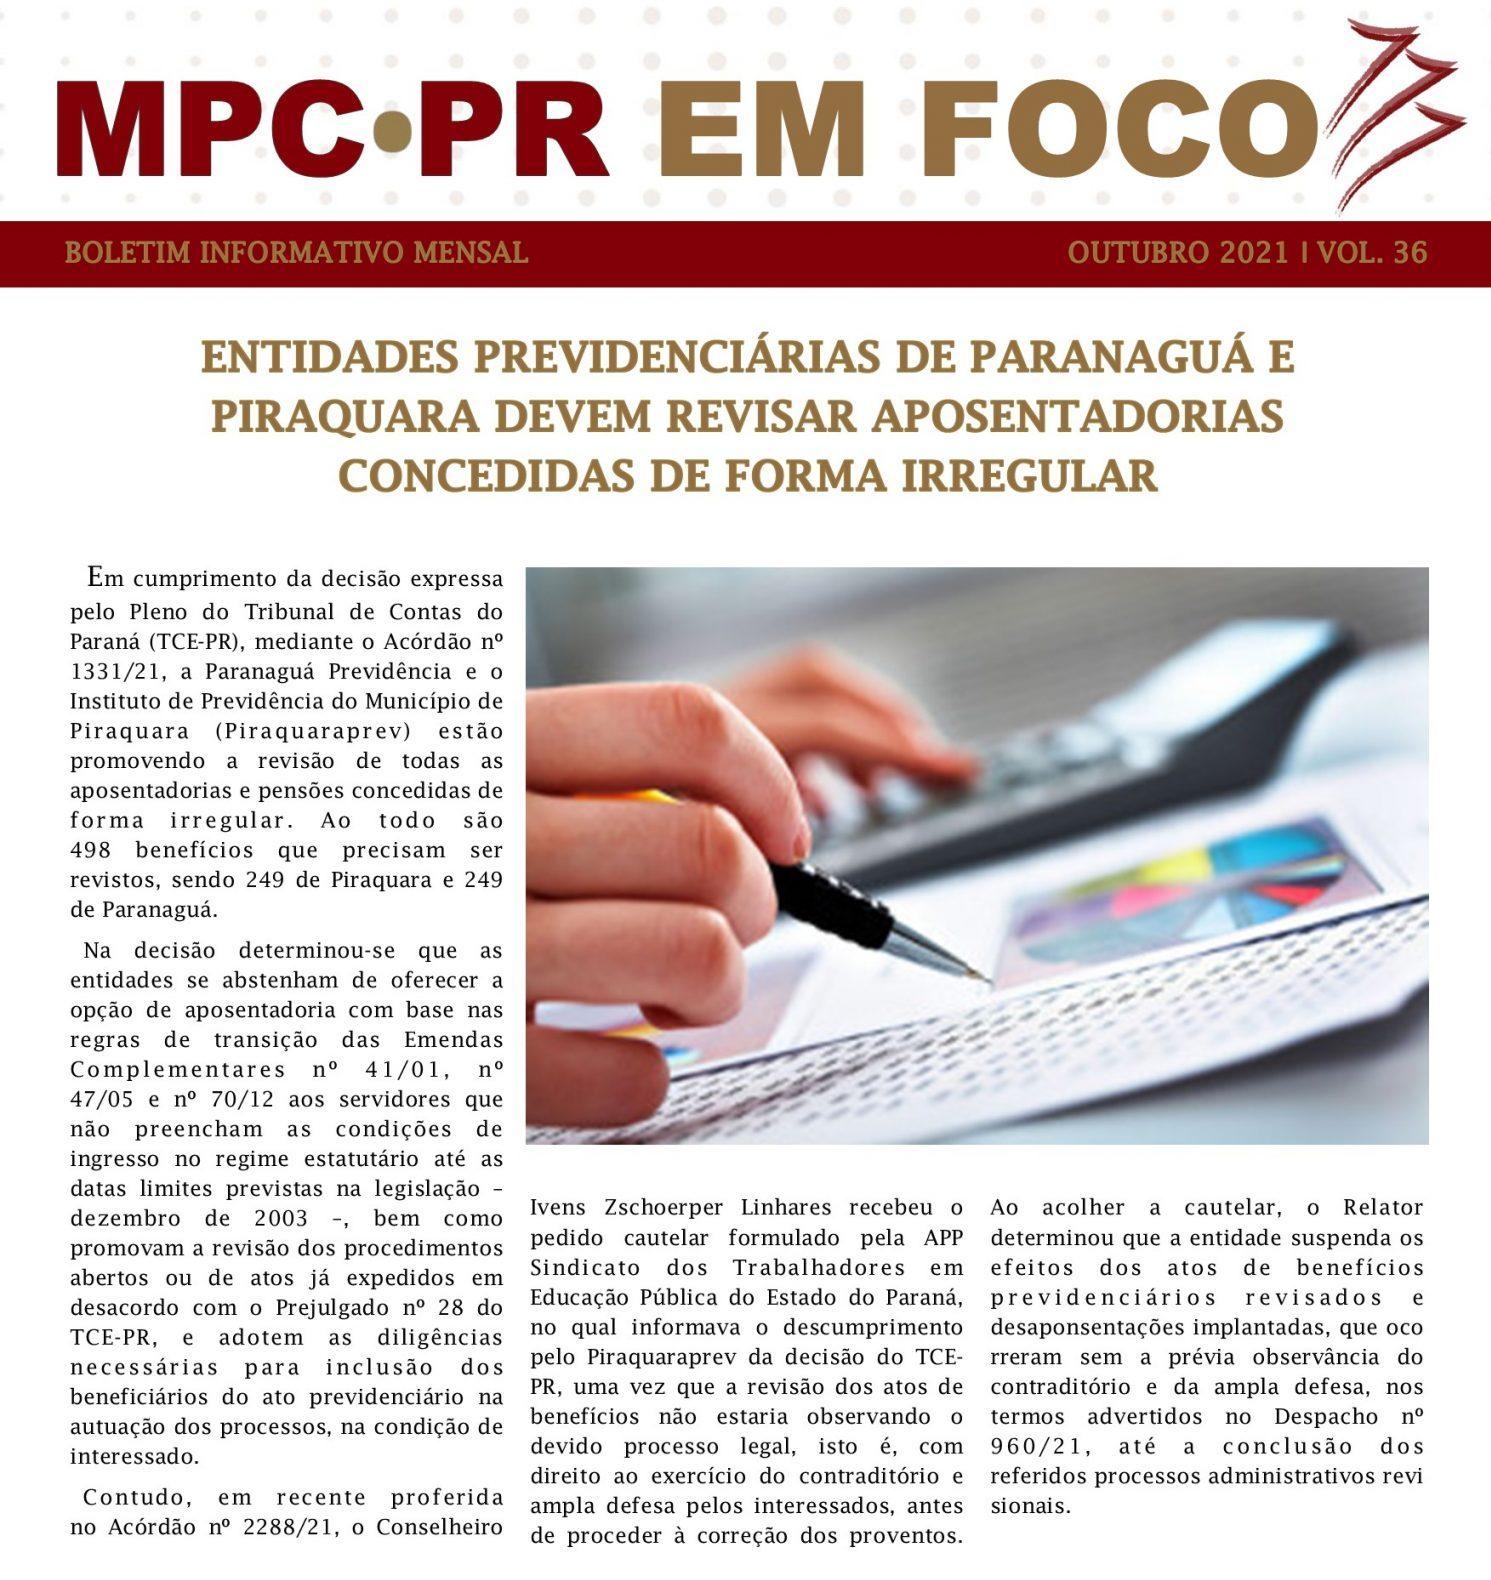 Boletim Informativo MPC-PR em Foco outubro/2021